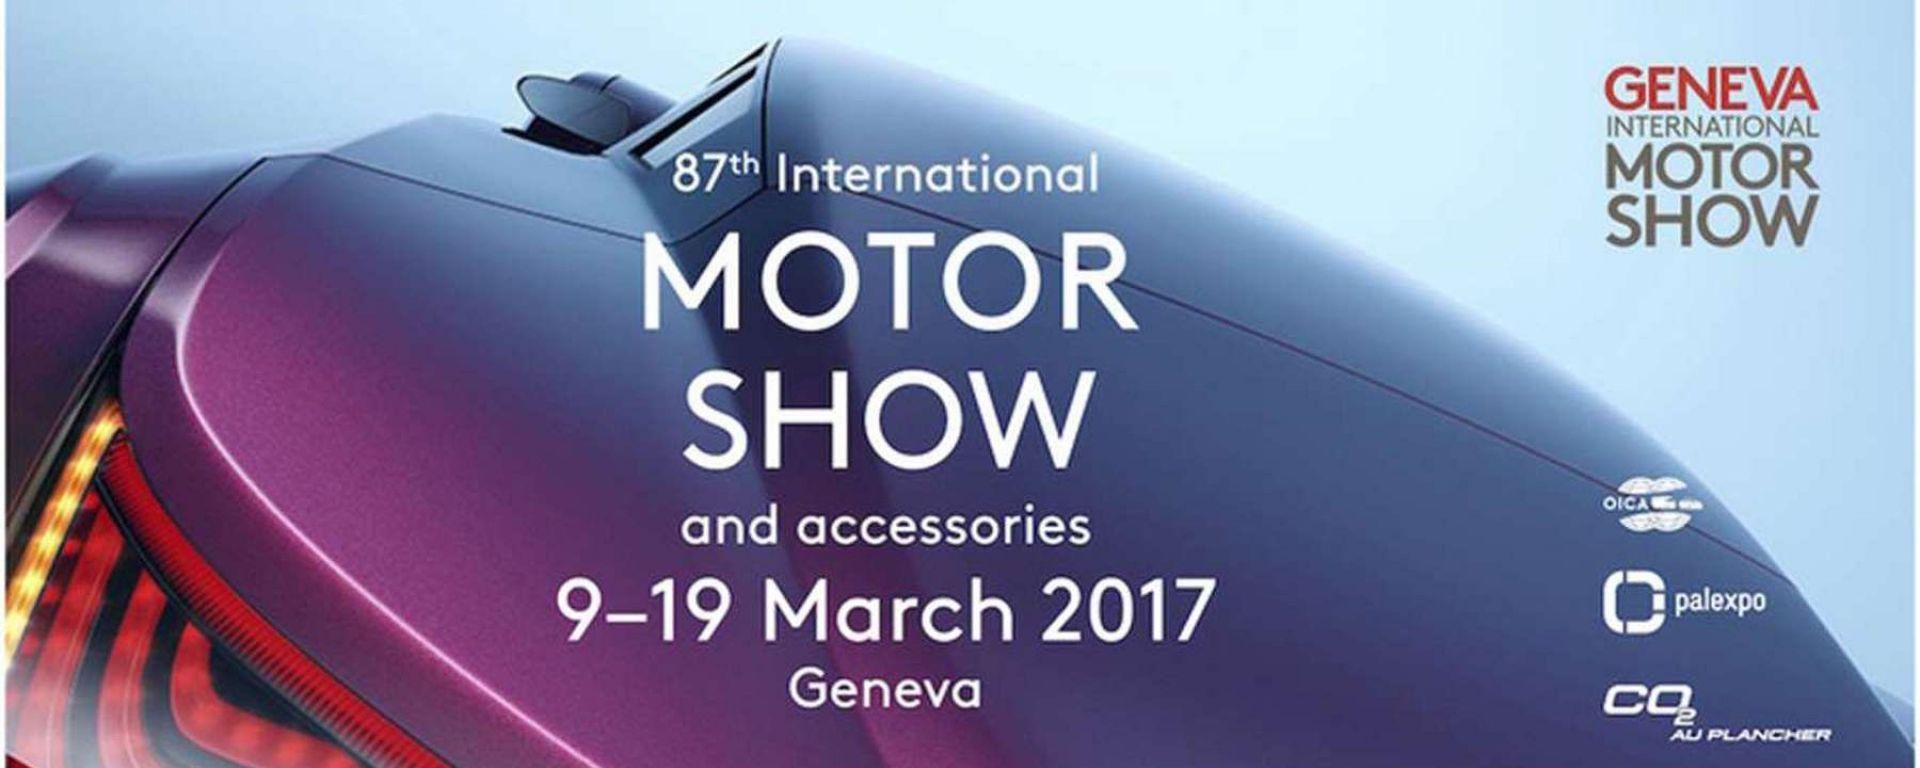 Salone di Ginevra 2017, novità, date, biglietti, prezzi